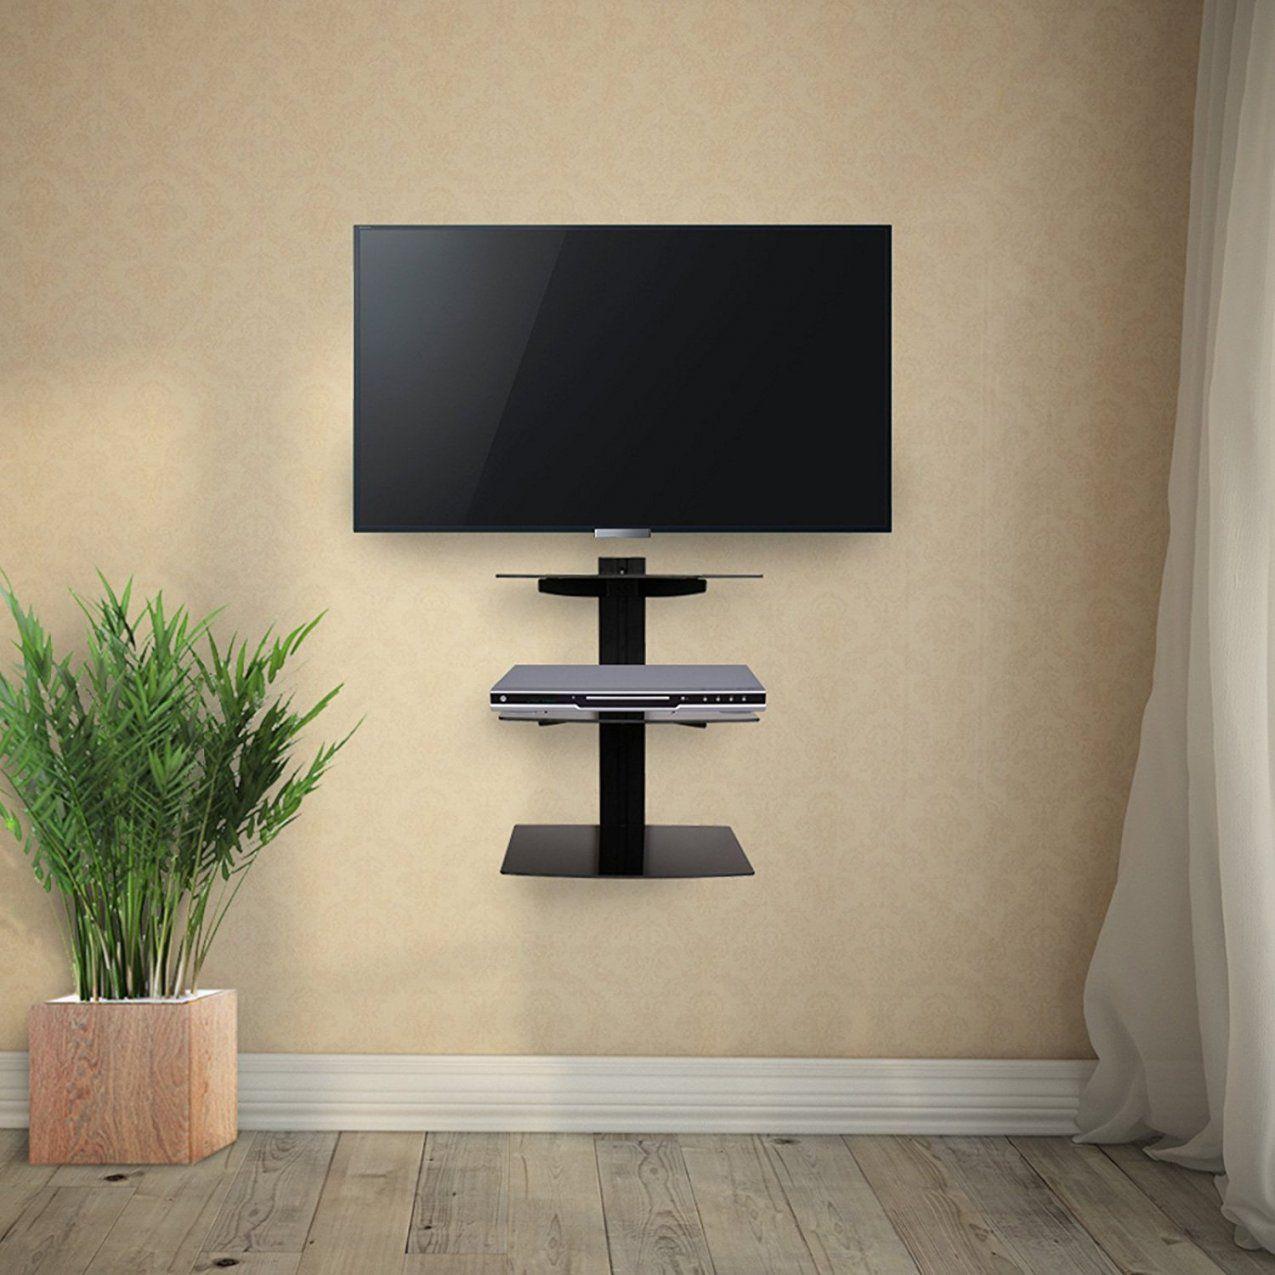 Kabel Verstecken Wand – Interior Design Ideen Architektur Und von Fernseher An Wand Kabel Verstecken Photo